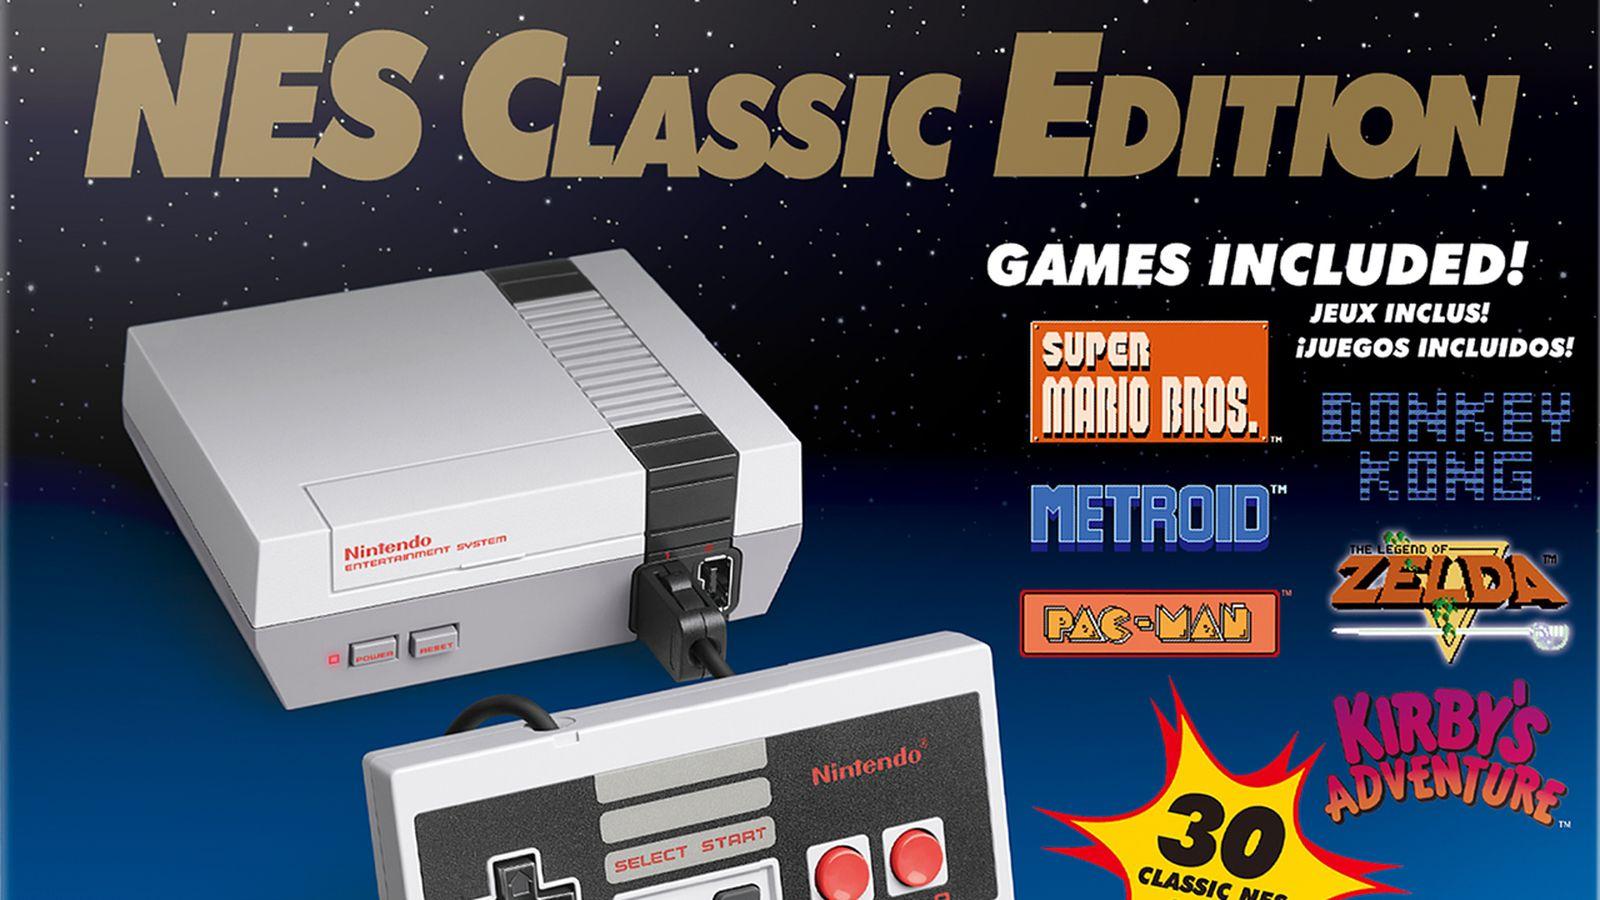 Умельцы взломали NES Classic, теперь игры можно заливать по USB - 1